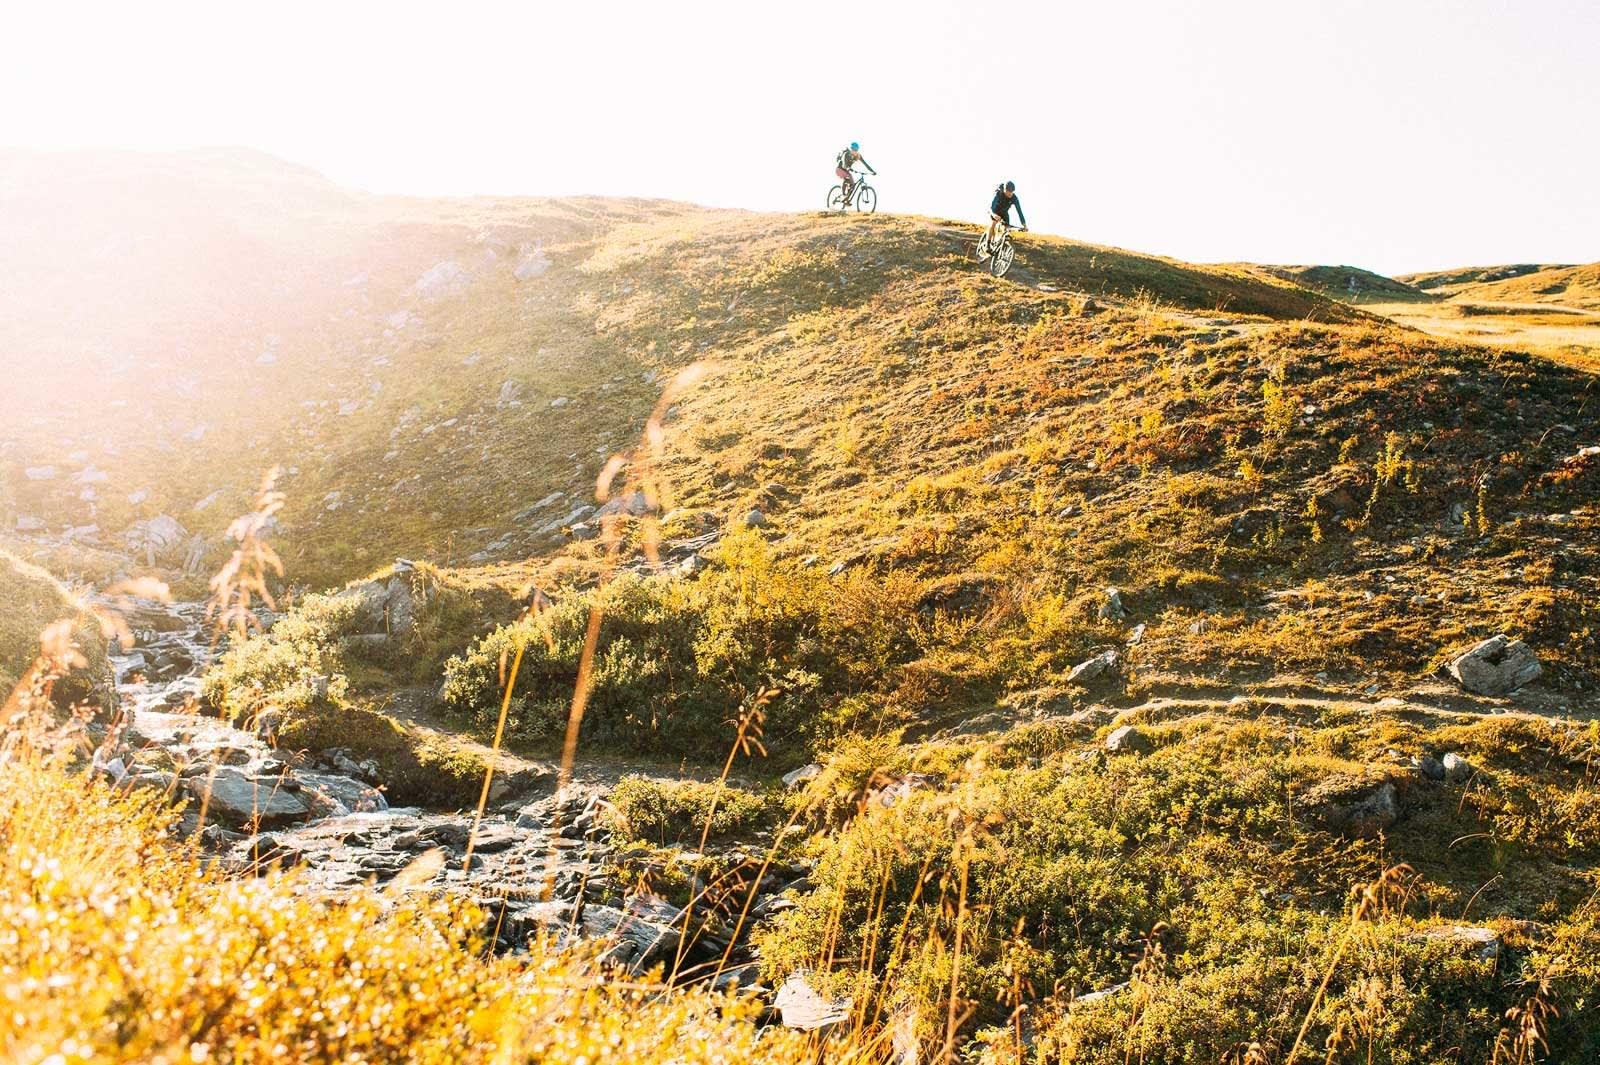 Ujevnt landskap: Bo Eide og Kirsten Buck Rustad følger svingete sti i terreng under konstant endring på vei ned.